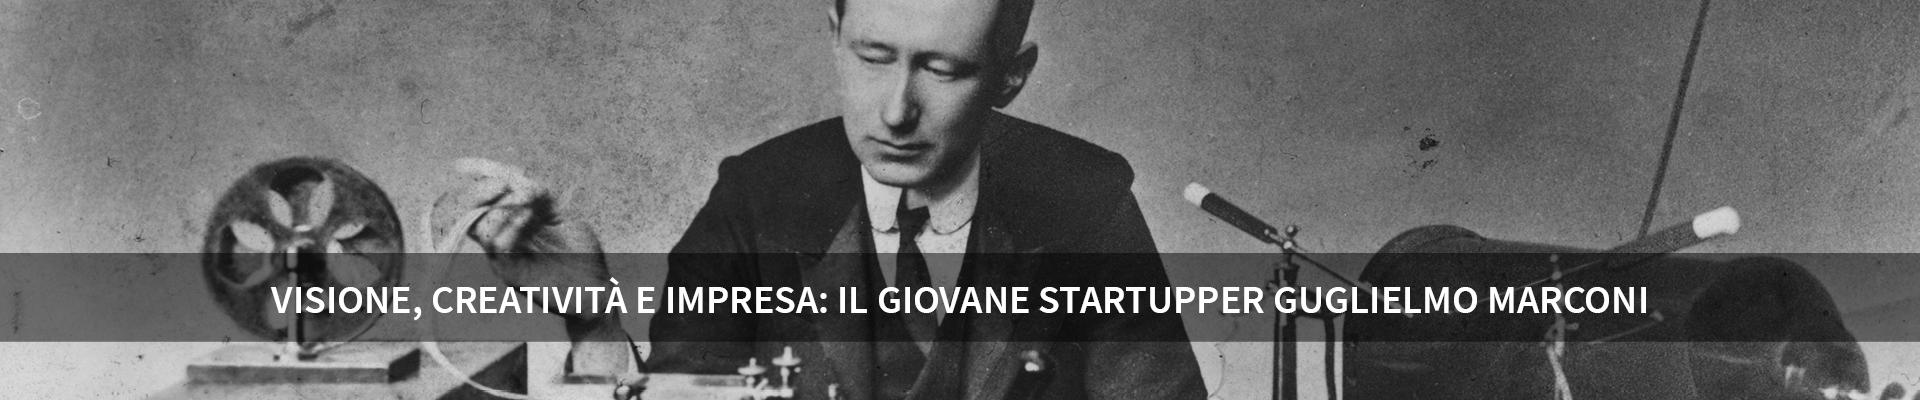 Visione, creatività e impresa: il giovane startupper Guglielmo Marconi -